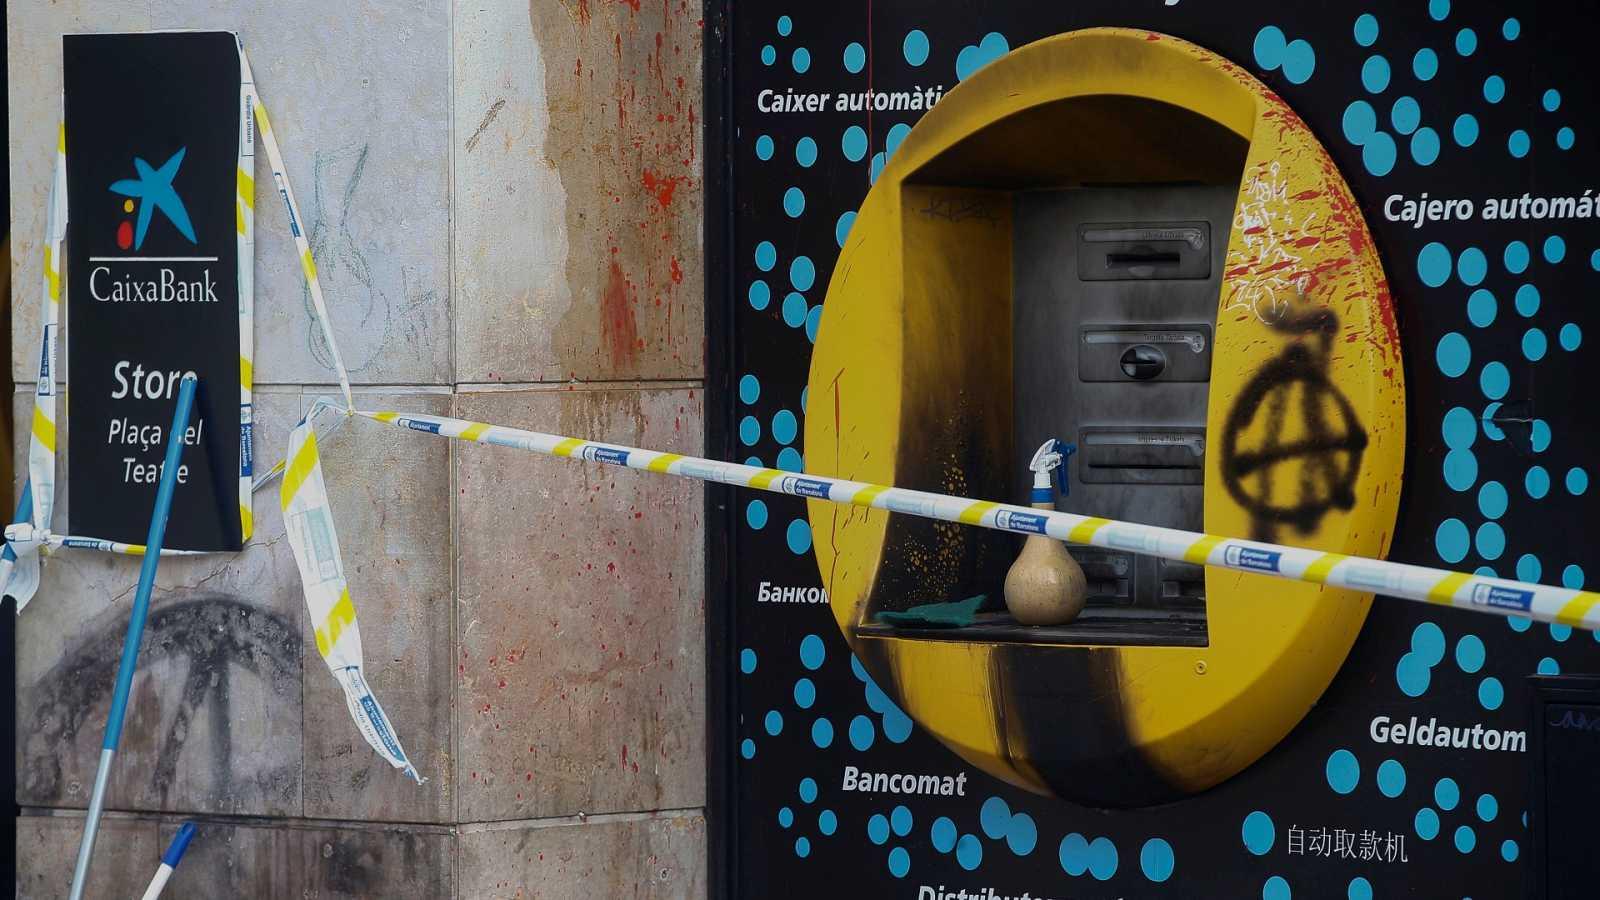 Govern y Ayuntamiento analizan la violencia callejera en Barcelona mientras los empresarios claman contra los desórdenes